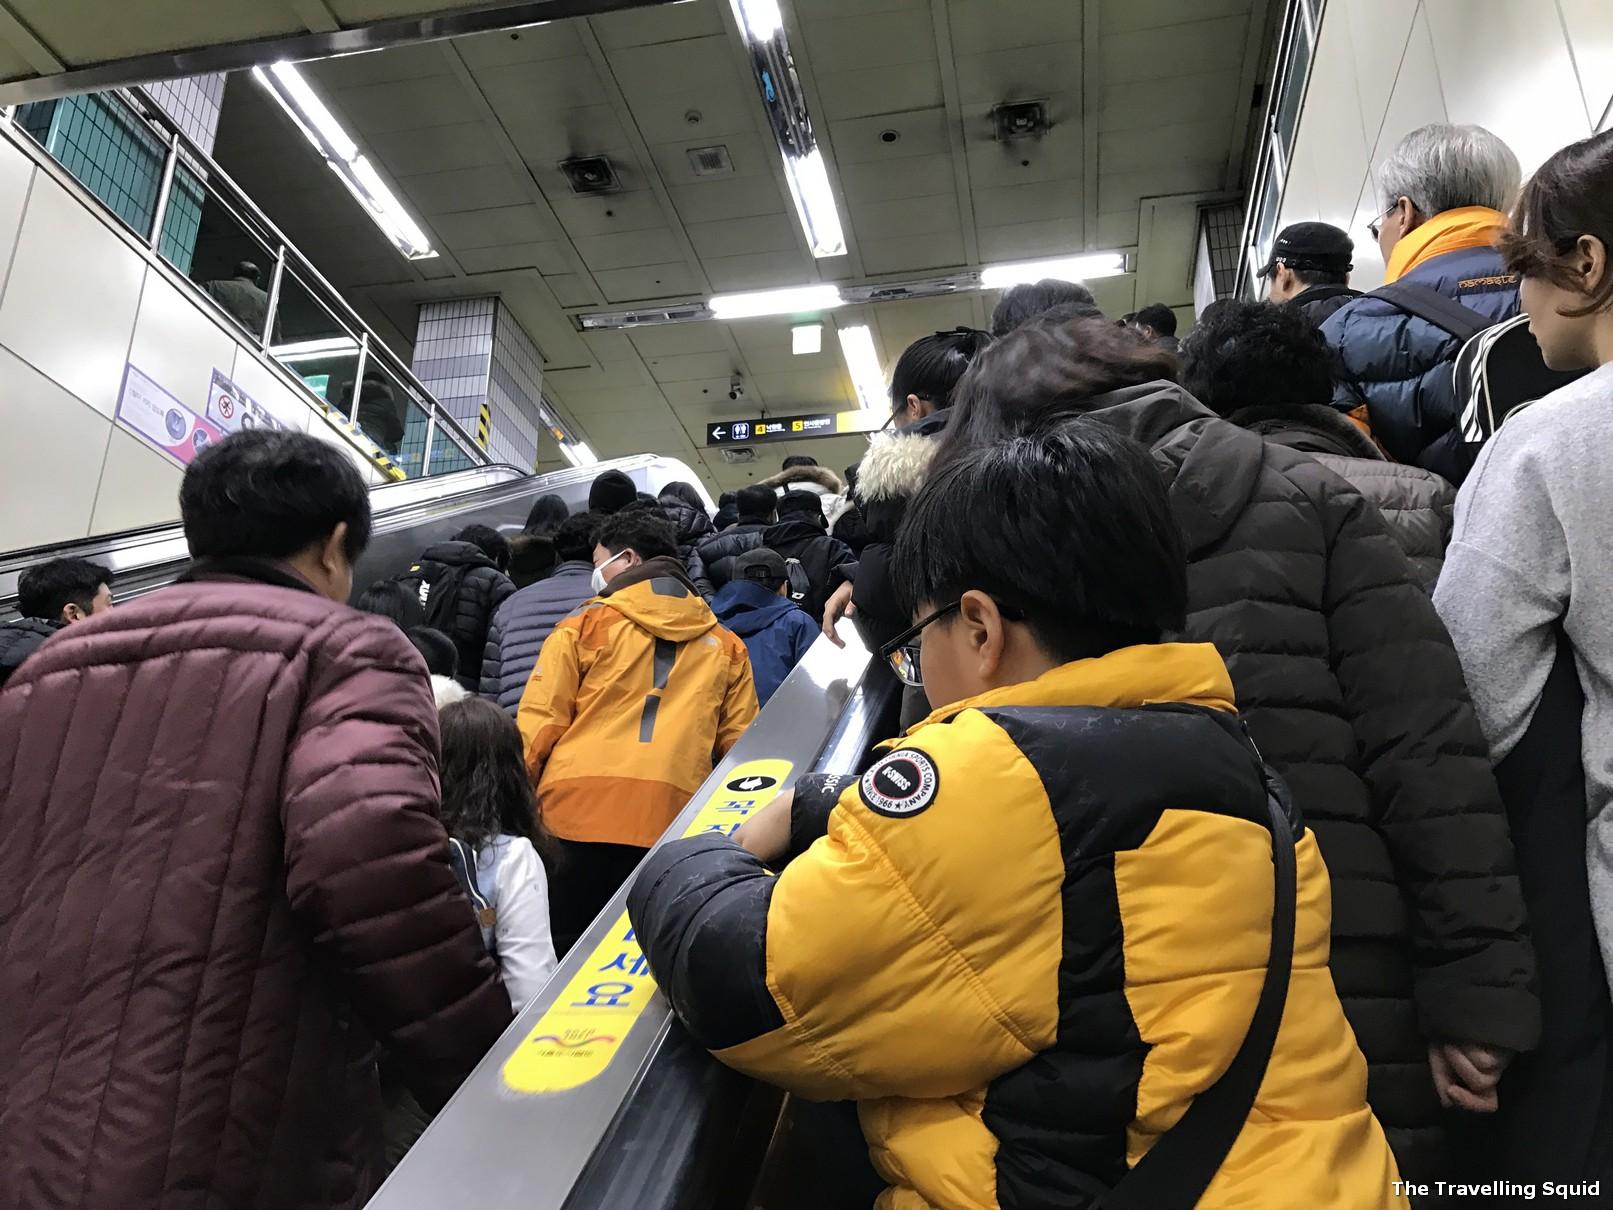 Seoul subway packed